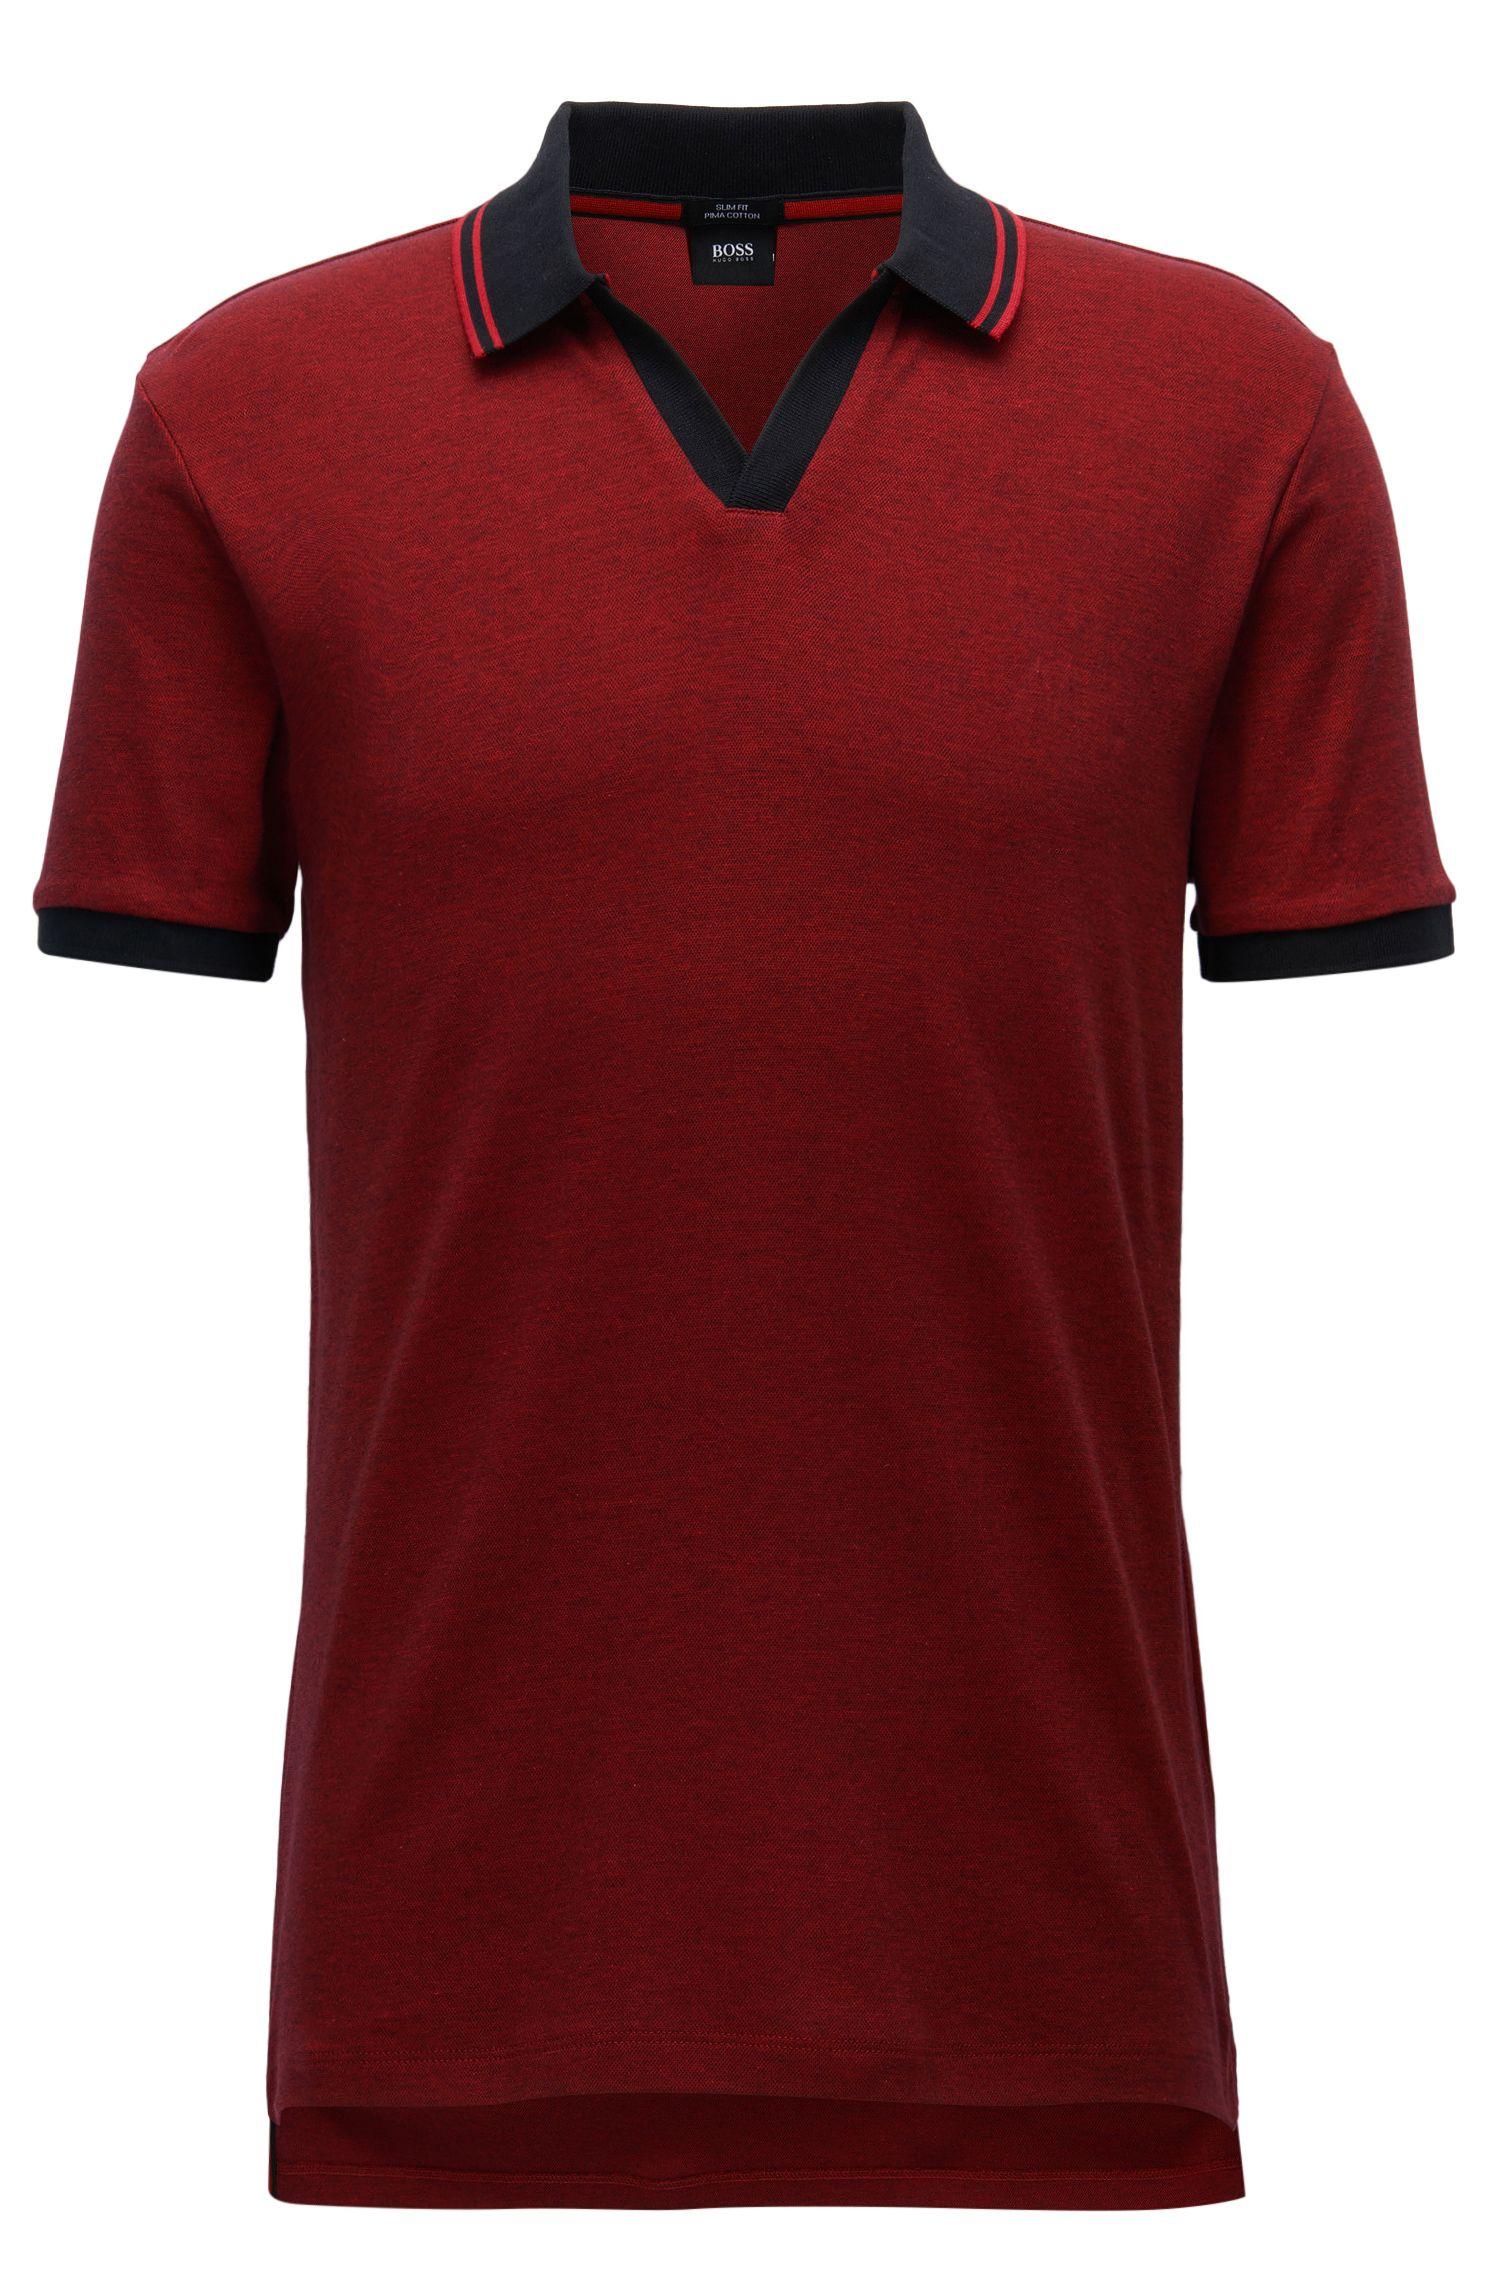 Slim-Fit Poloshirt aus zweifarbiger Pima-Baumwolle mit offenem Kragen